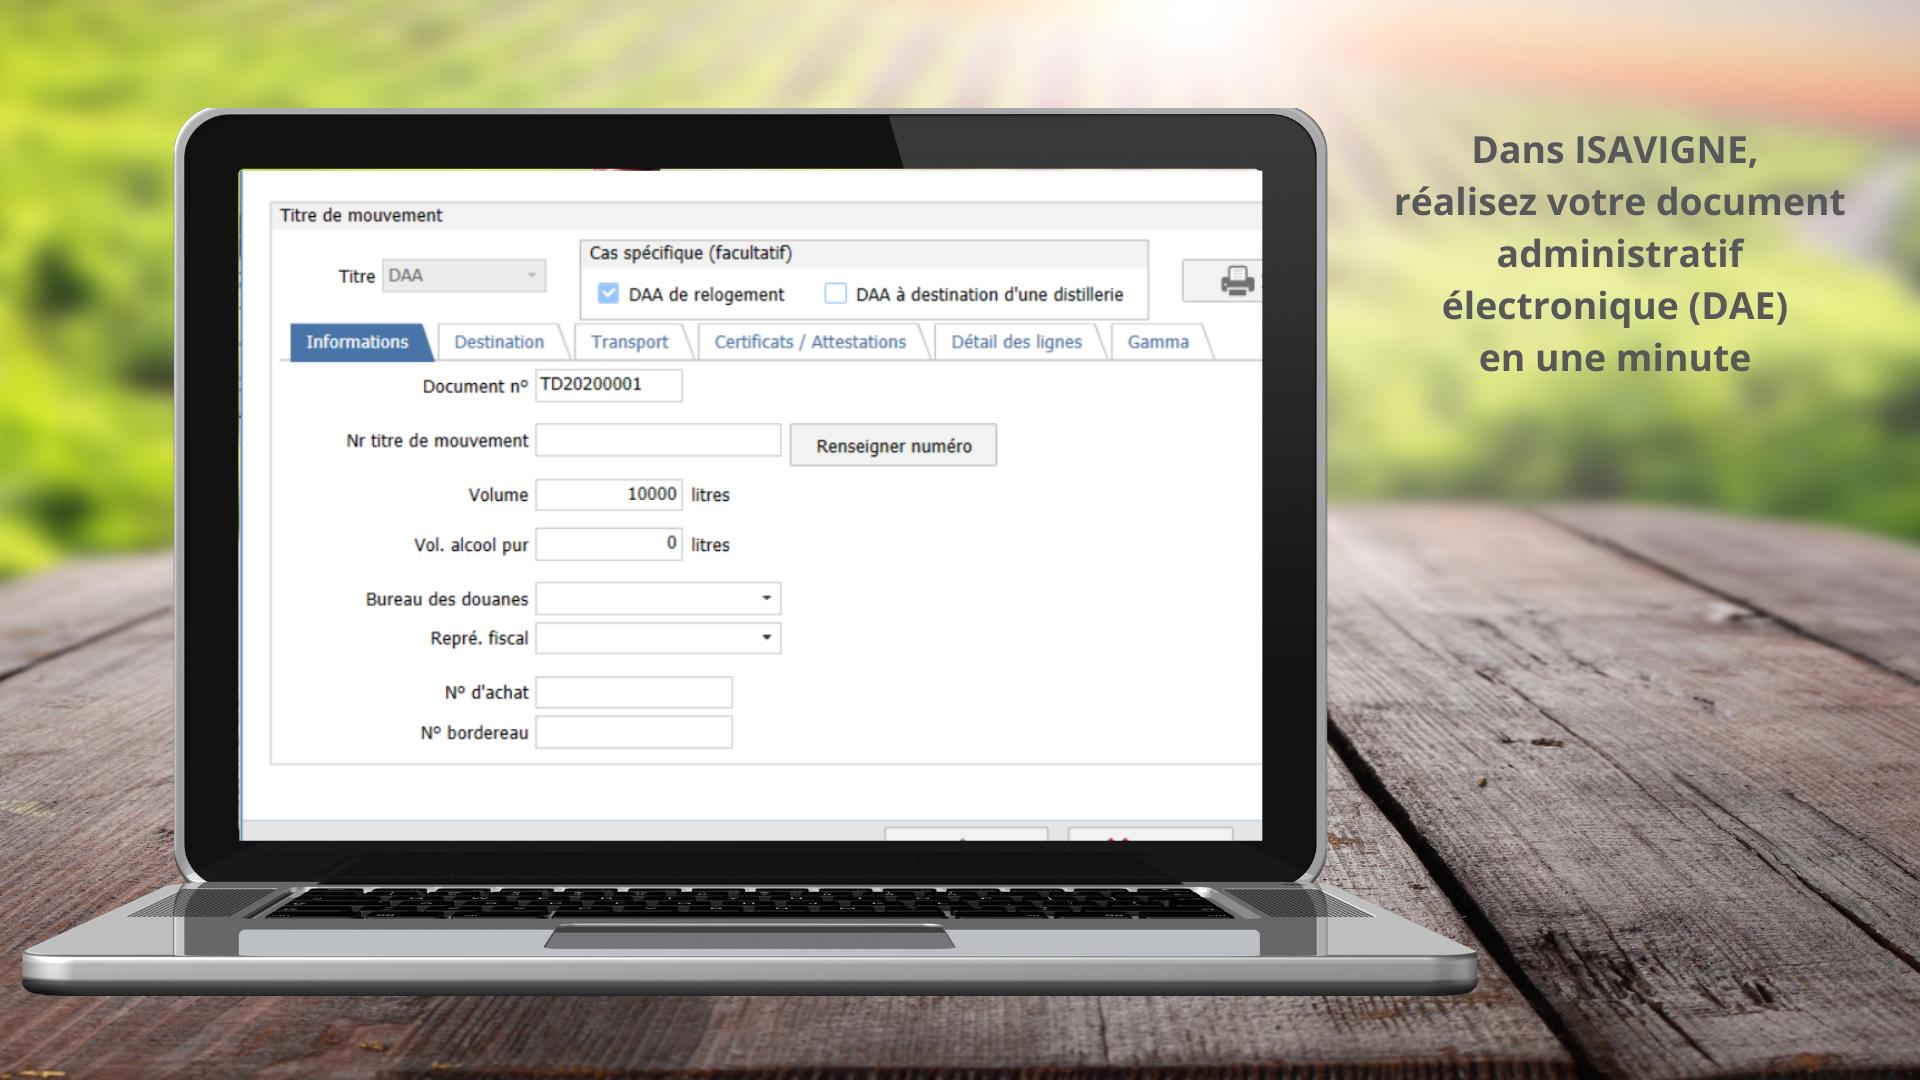 Réaliser votre document administratif électronique (DAE) en 1 minute avec Isavigne